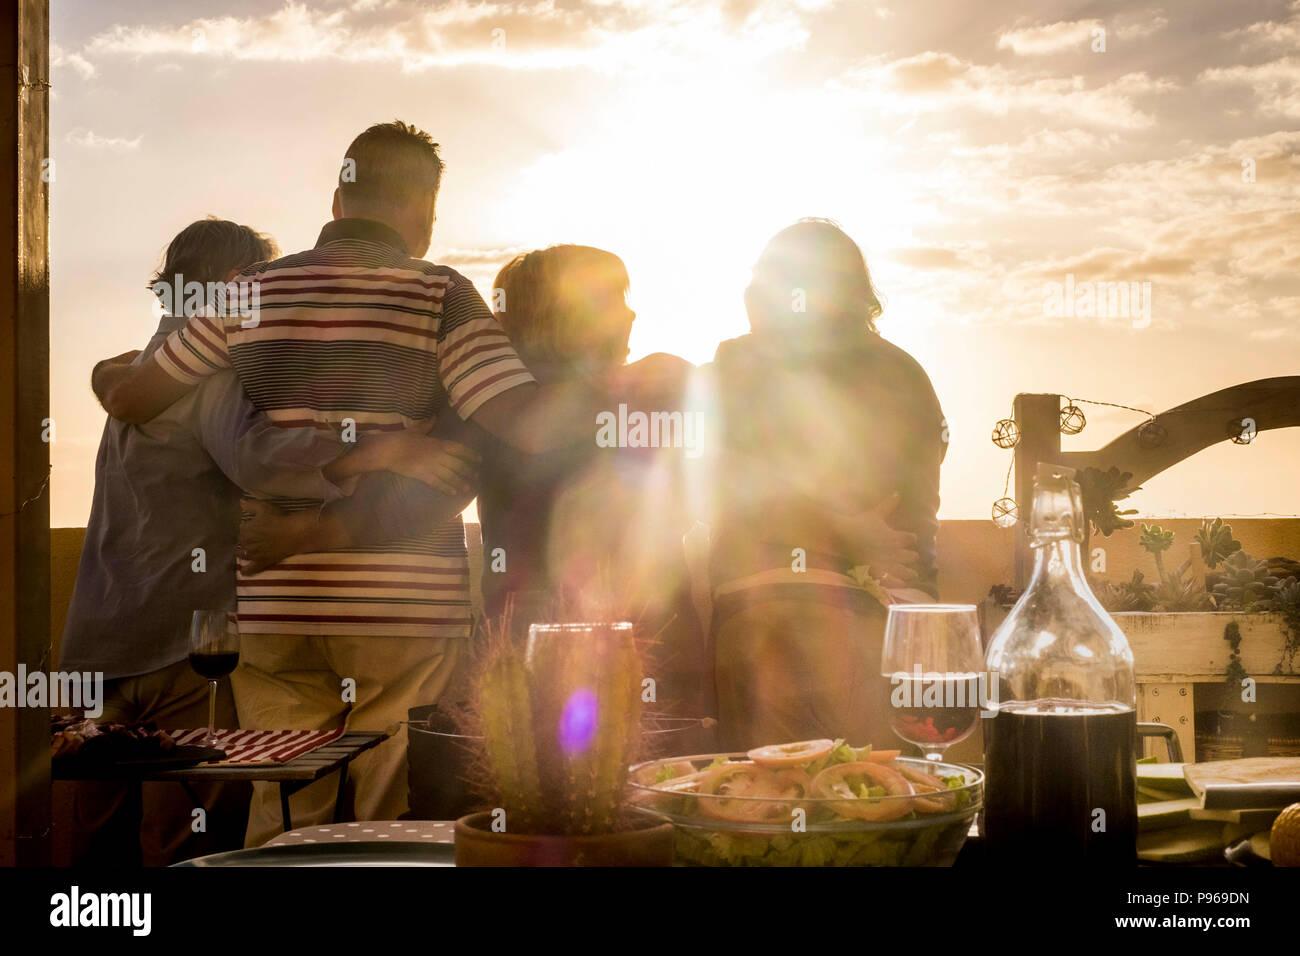 La gente grupo de altos amigos abrazo y celebrar juntos viendo el golde atardecer desde una terraza en la azotea. vivir siempre en vacaciones y jubilados happi Imagen De Stock